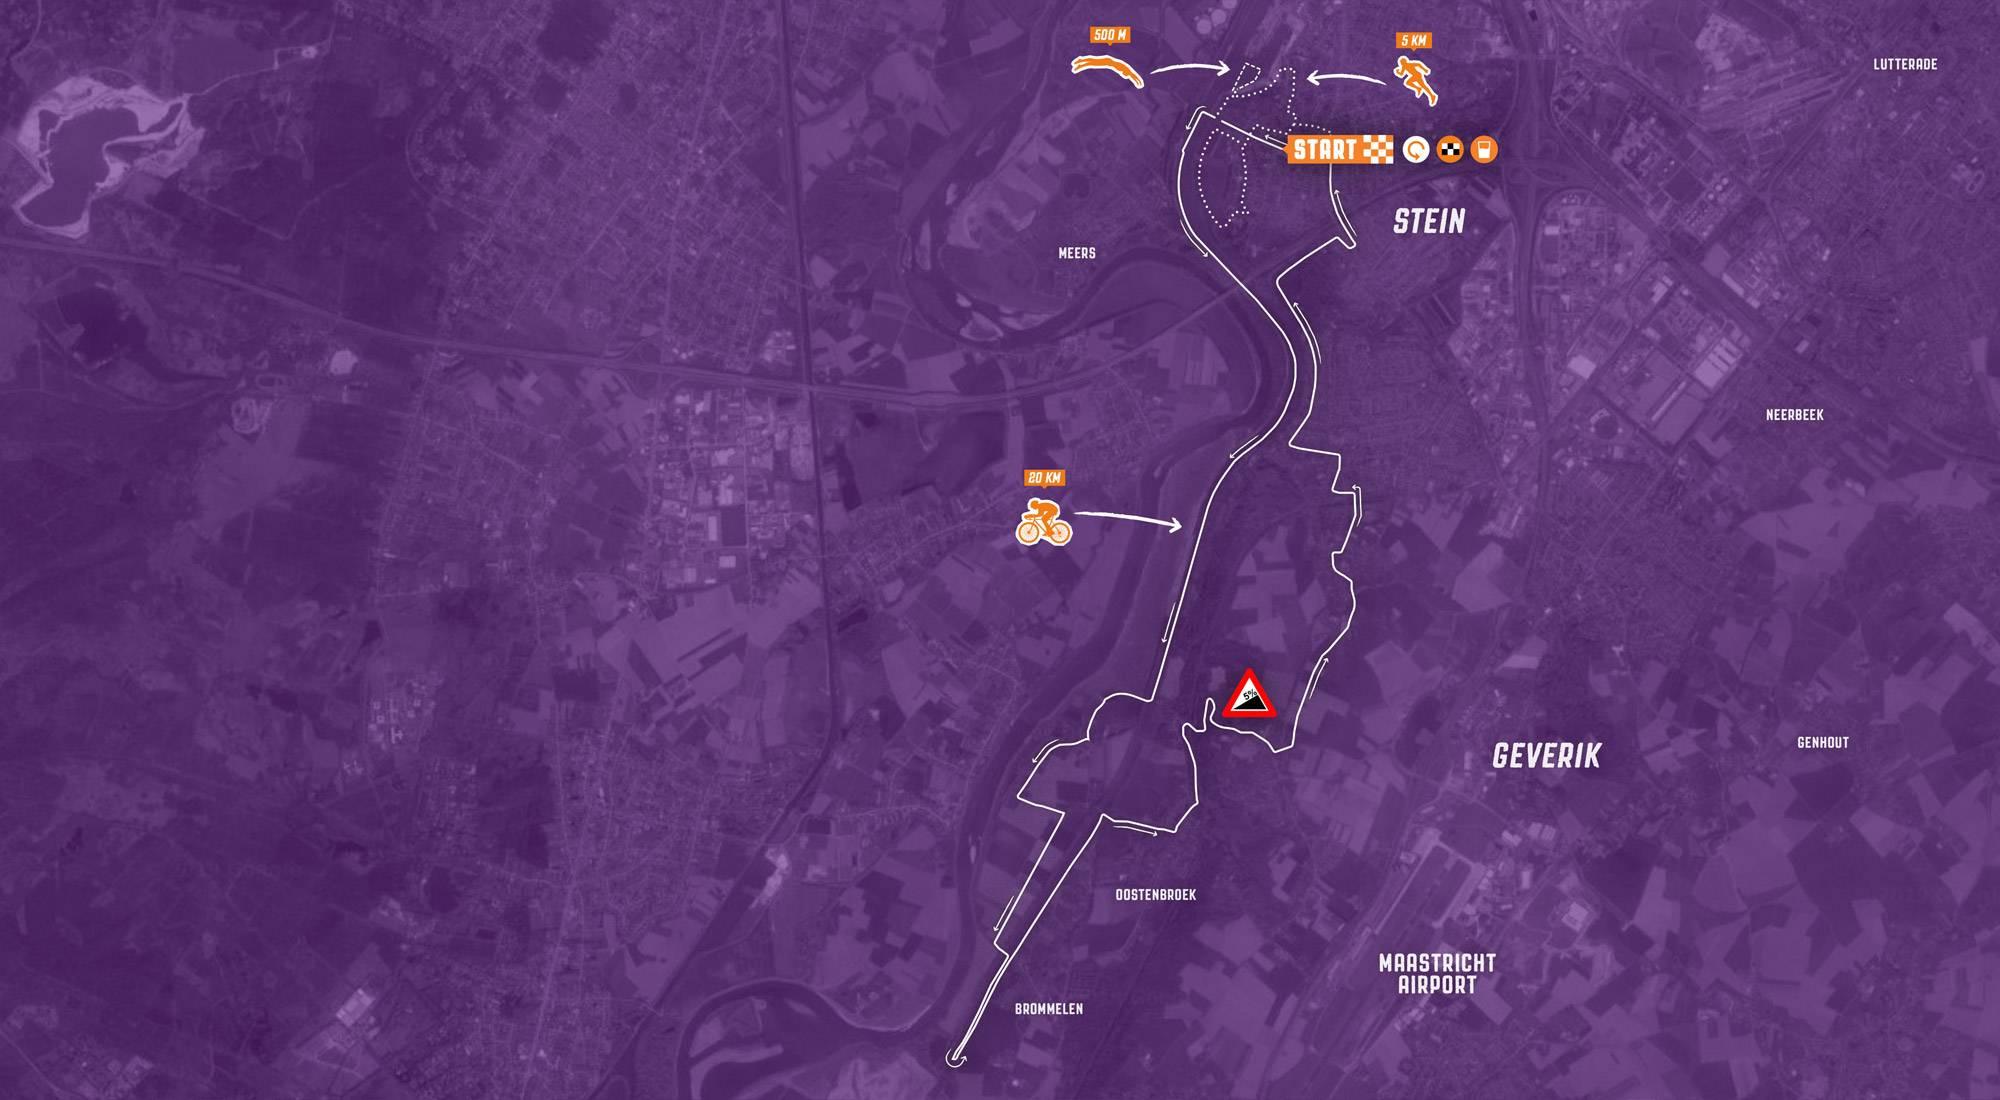 De routes van KiKathlon